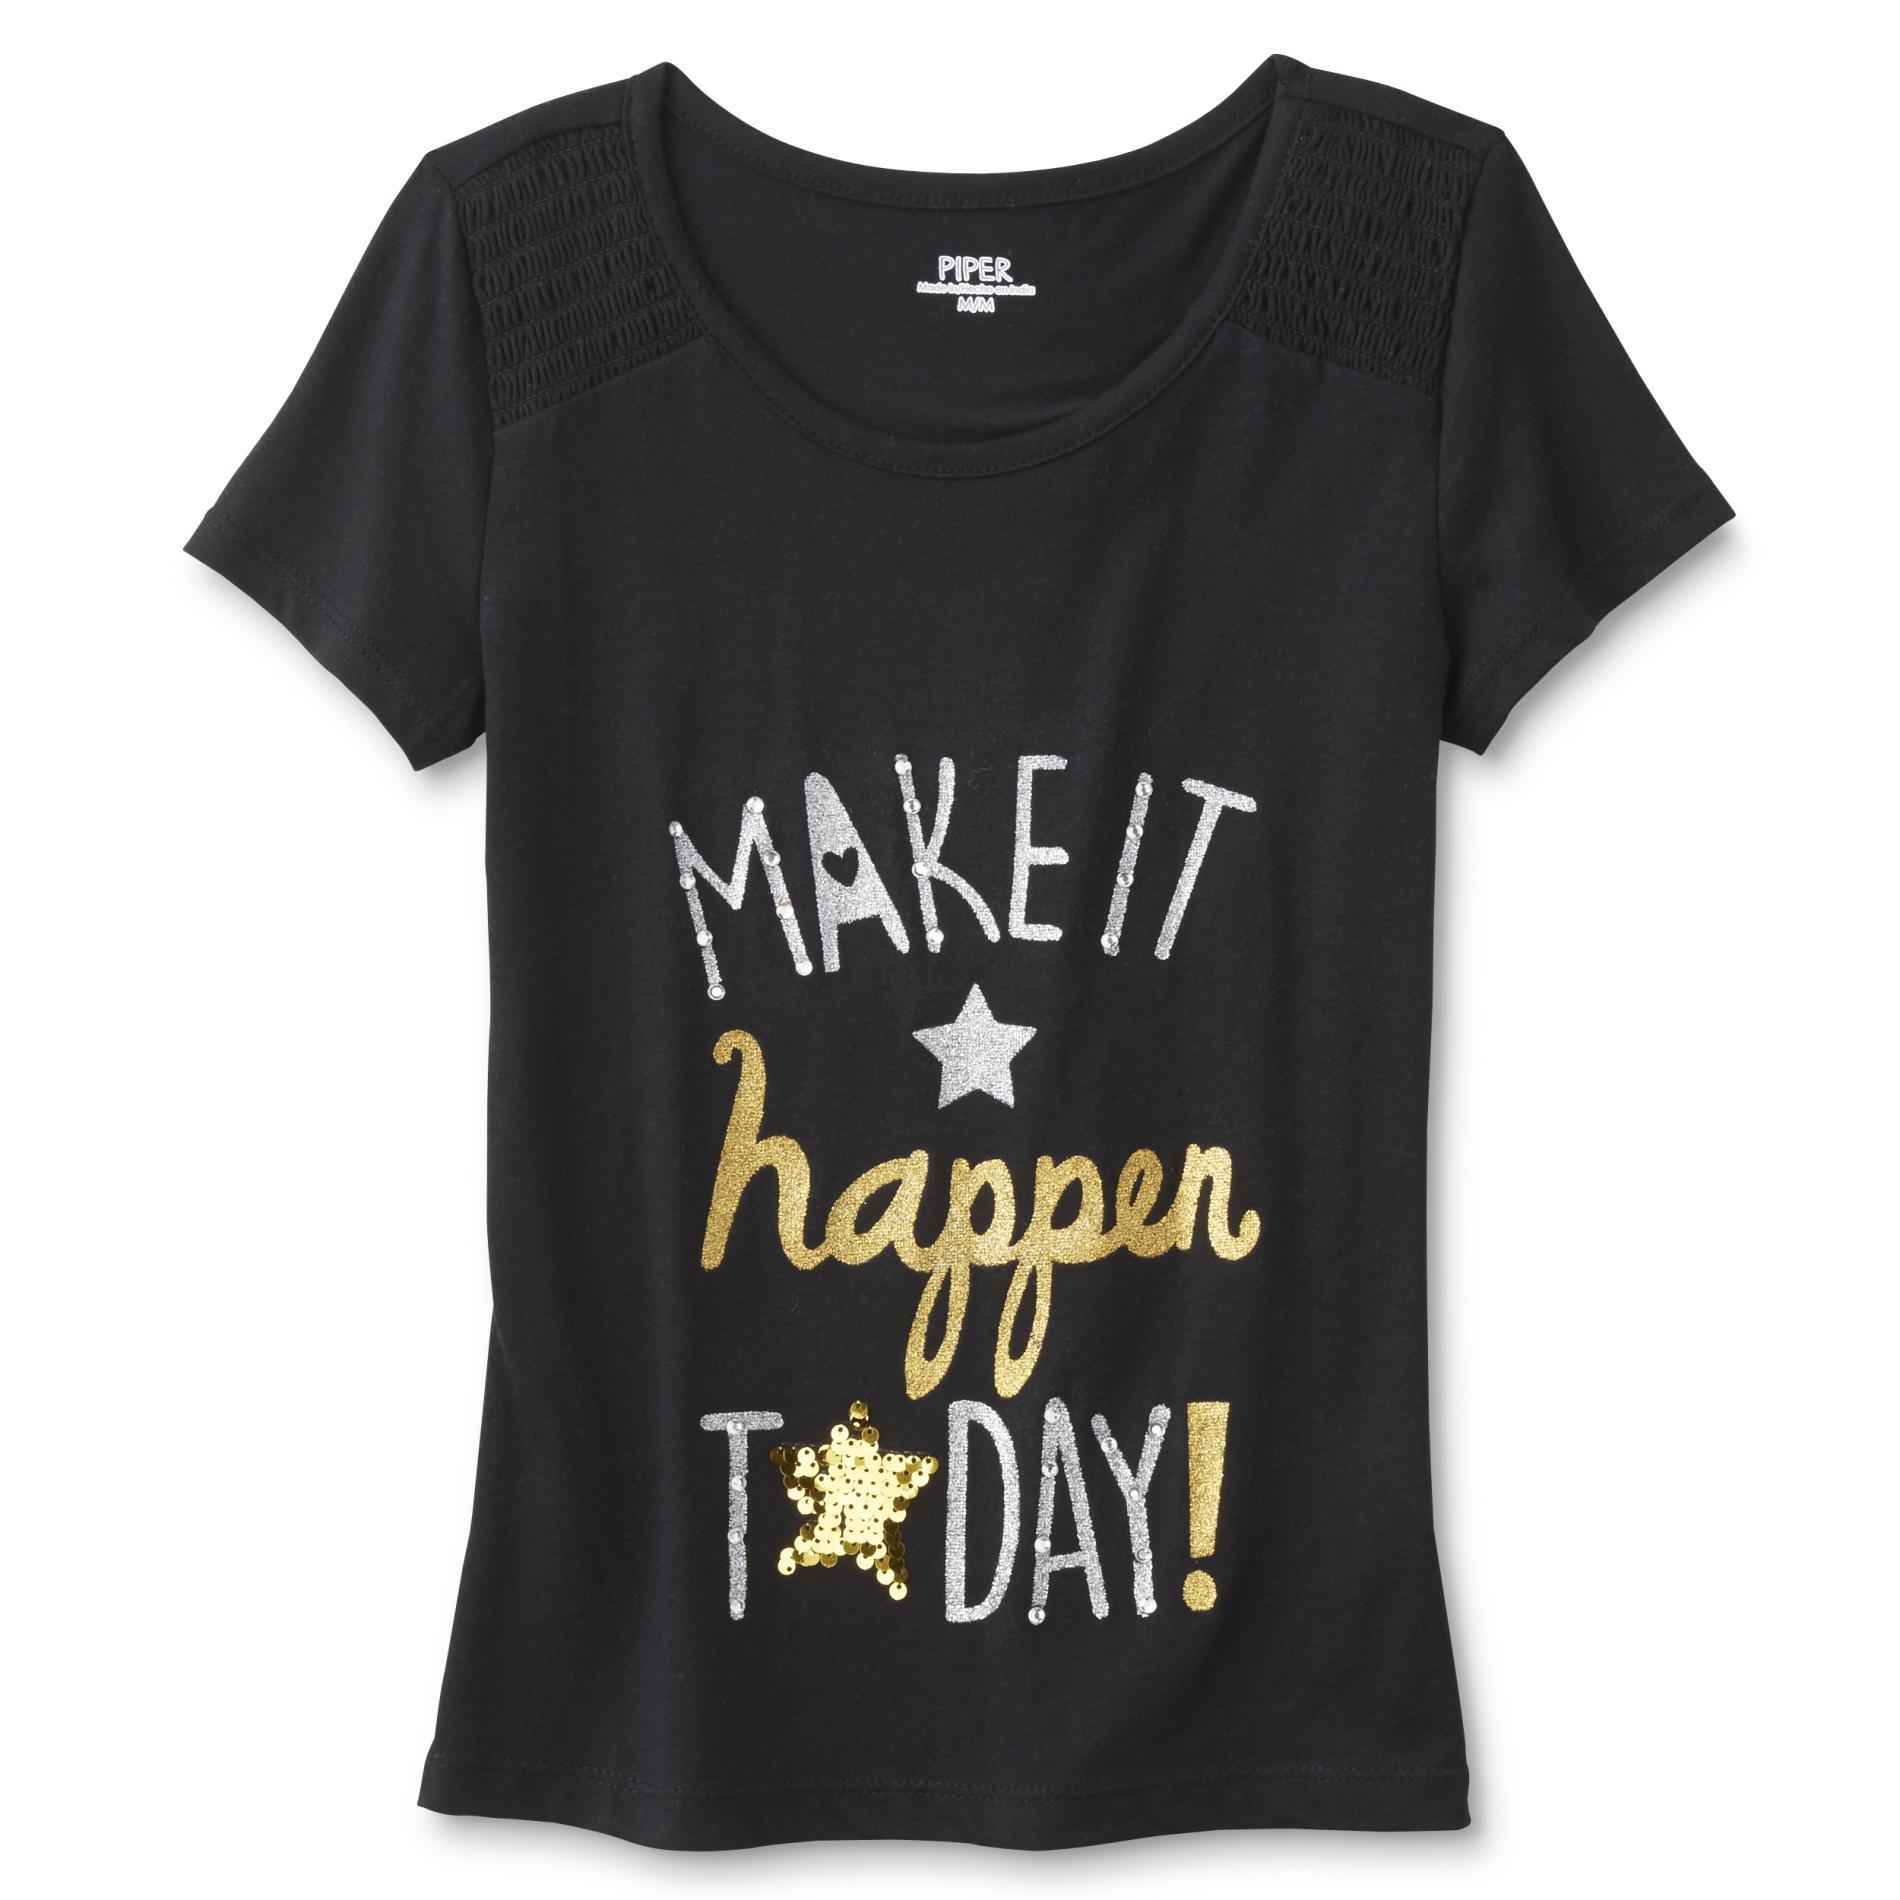 Girl's Embellished T-Shirt - Make It Happen